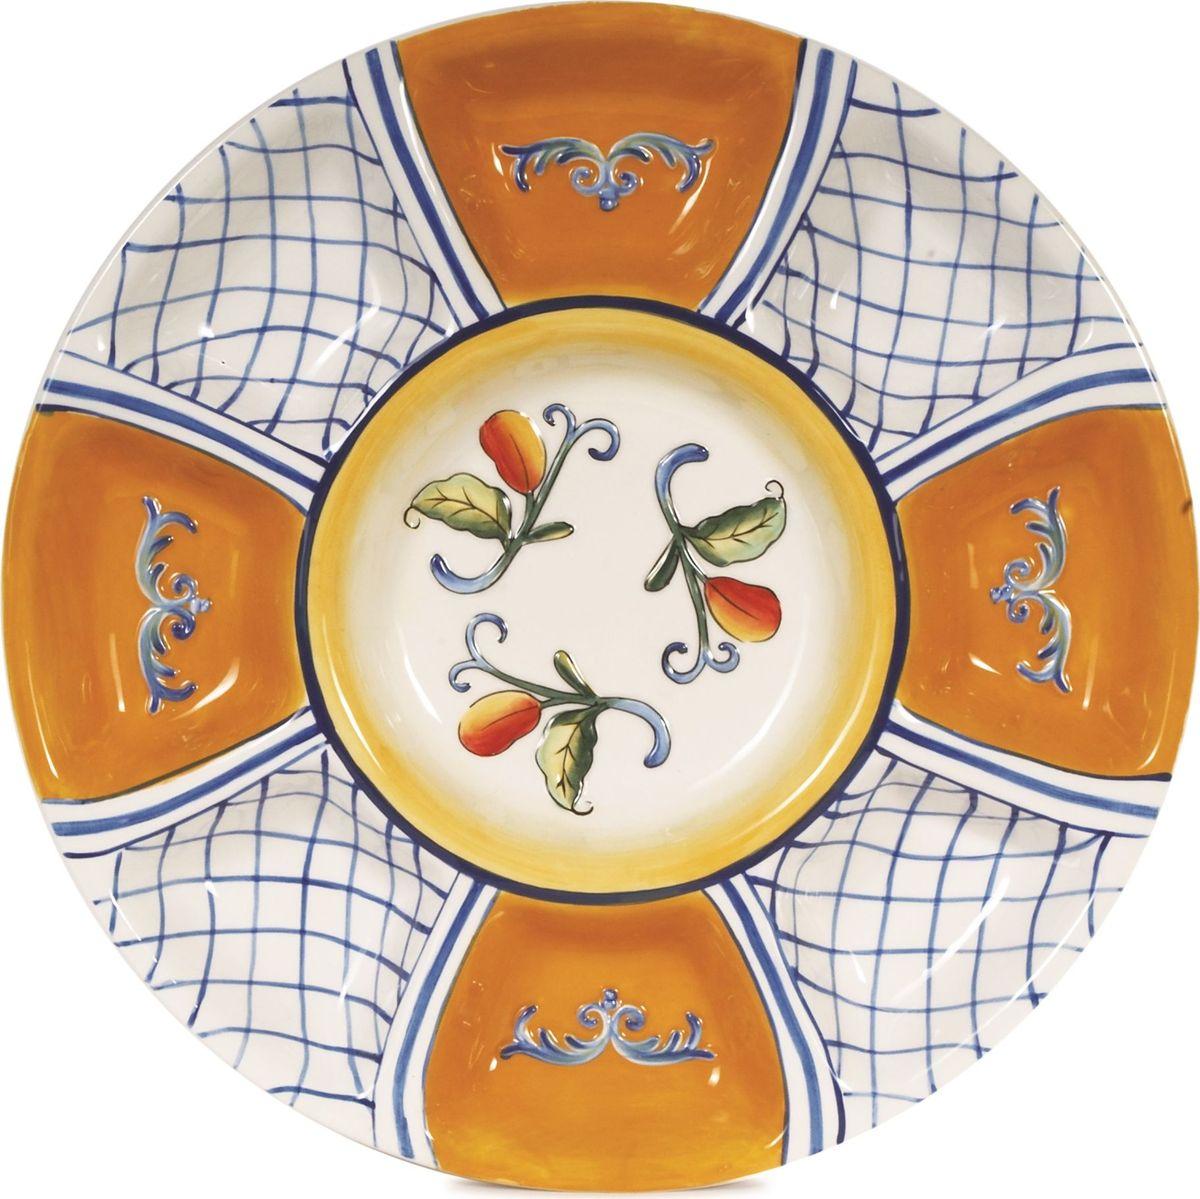 Менажница Fitz and Floyd Рикамо, 34 см63-478Менажница Fitz and Floyd Рикамоизготовлена из керамики, расписана вручную. Благодаря оригинальному элегантному дизайну идеально впишется в интерьер вашей кухни и станет достойным подарком для родных и друзей. Рекомендуется бережная ручная мойка с использованием безабразивных моющих средств. Диаметр: 34 см.